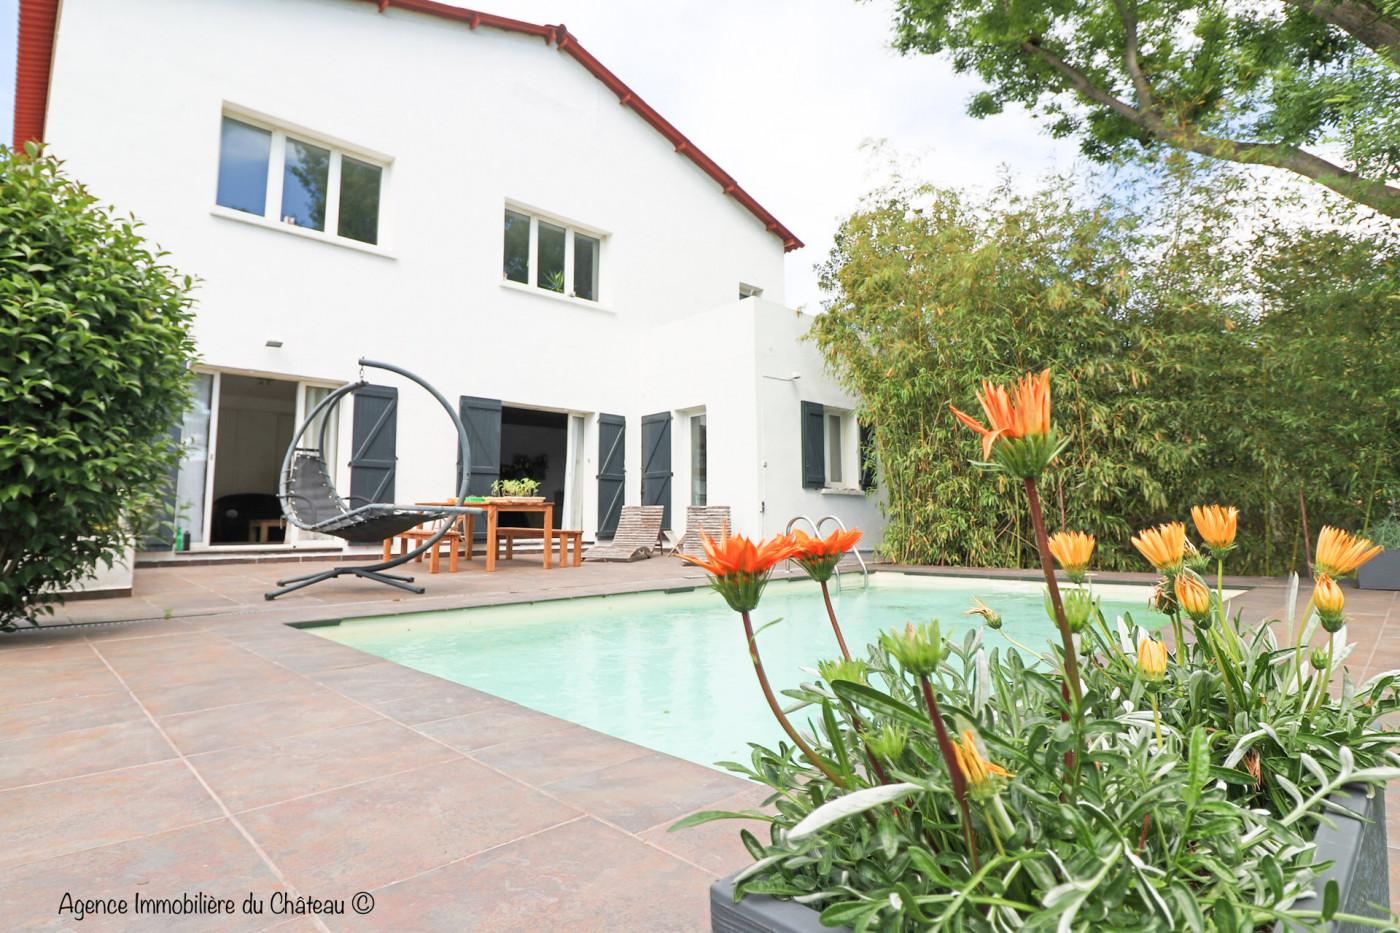 A vendre Marseille 12ème 1303015 Agence immobilière du château